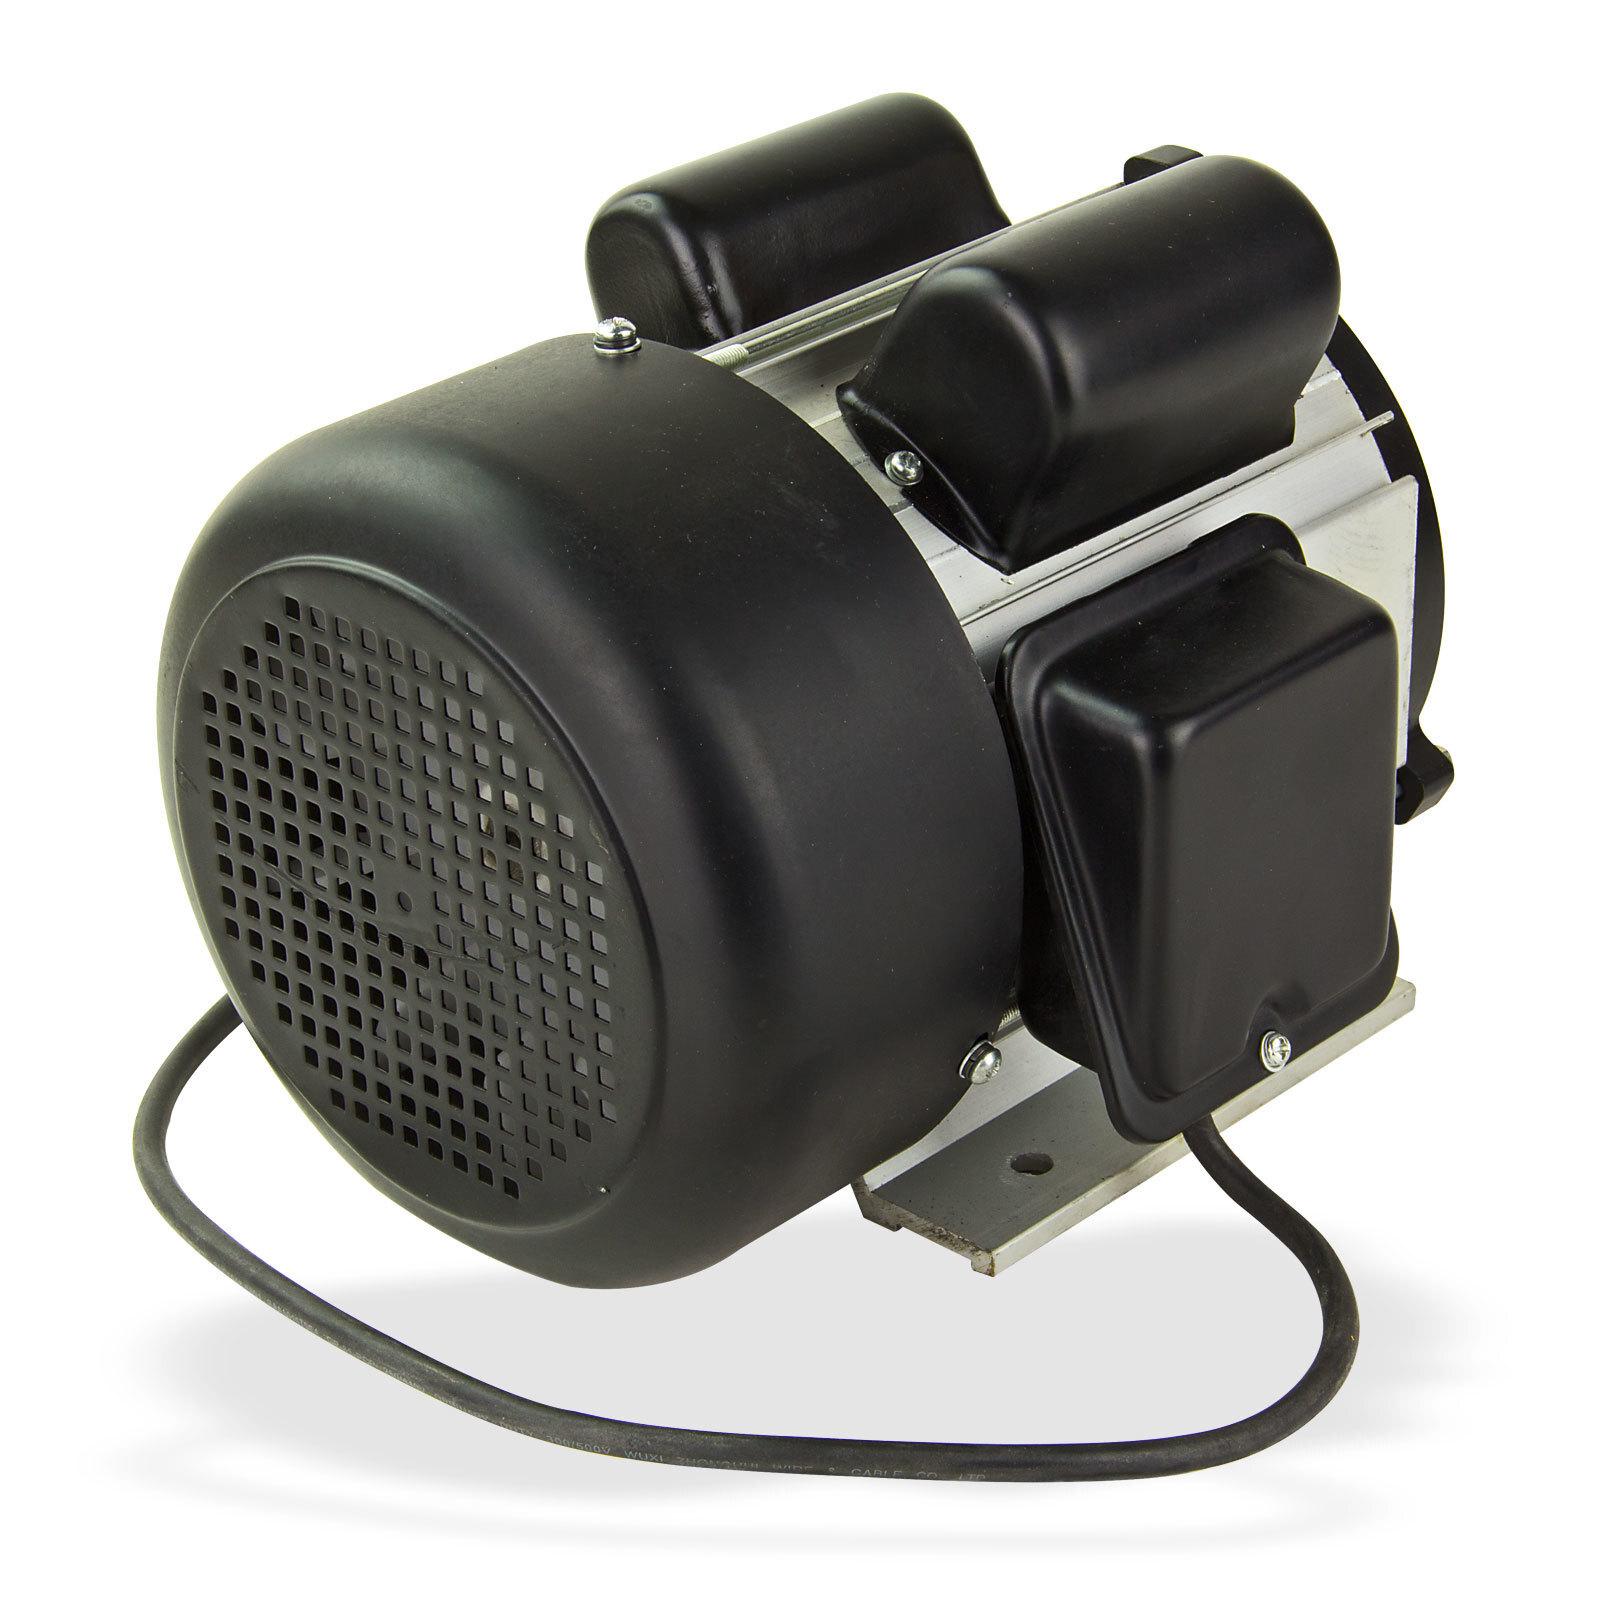 Motor Elektromotor 800 W Ersatz für Tischbohrmaschine GTB 20//812 Artikel 55206